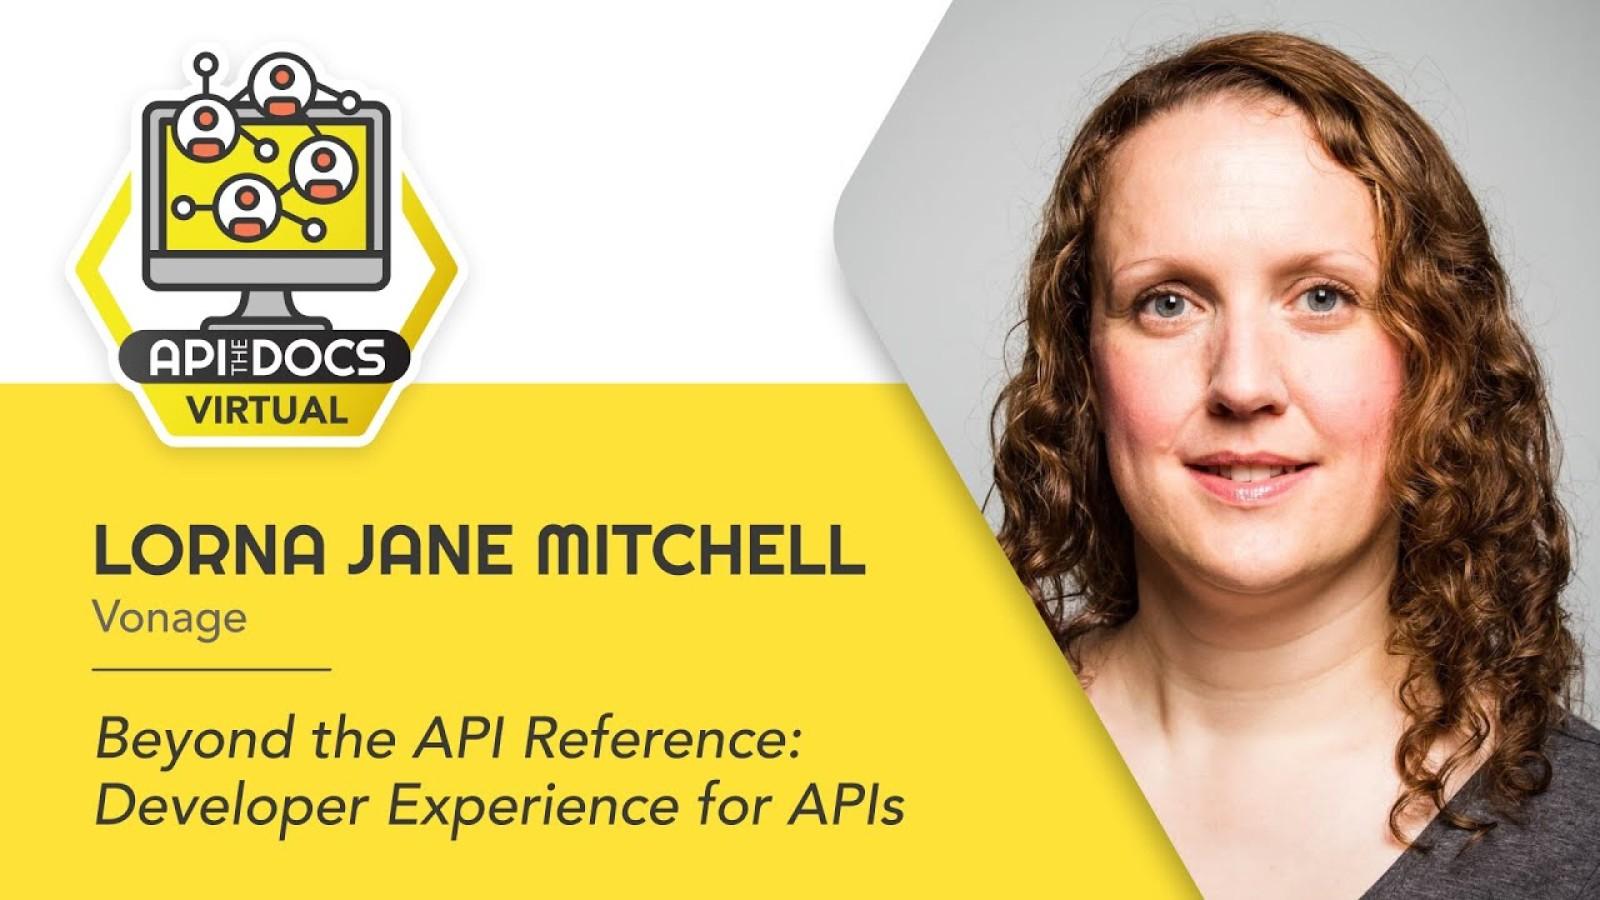 Beyond the API Reference